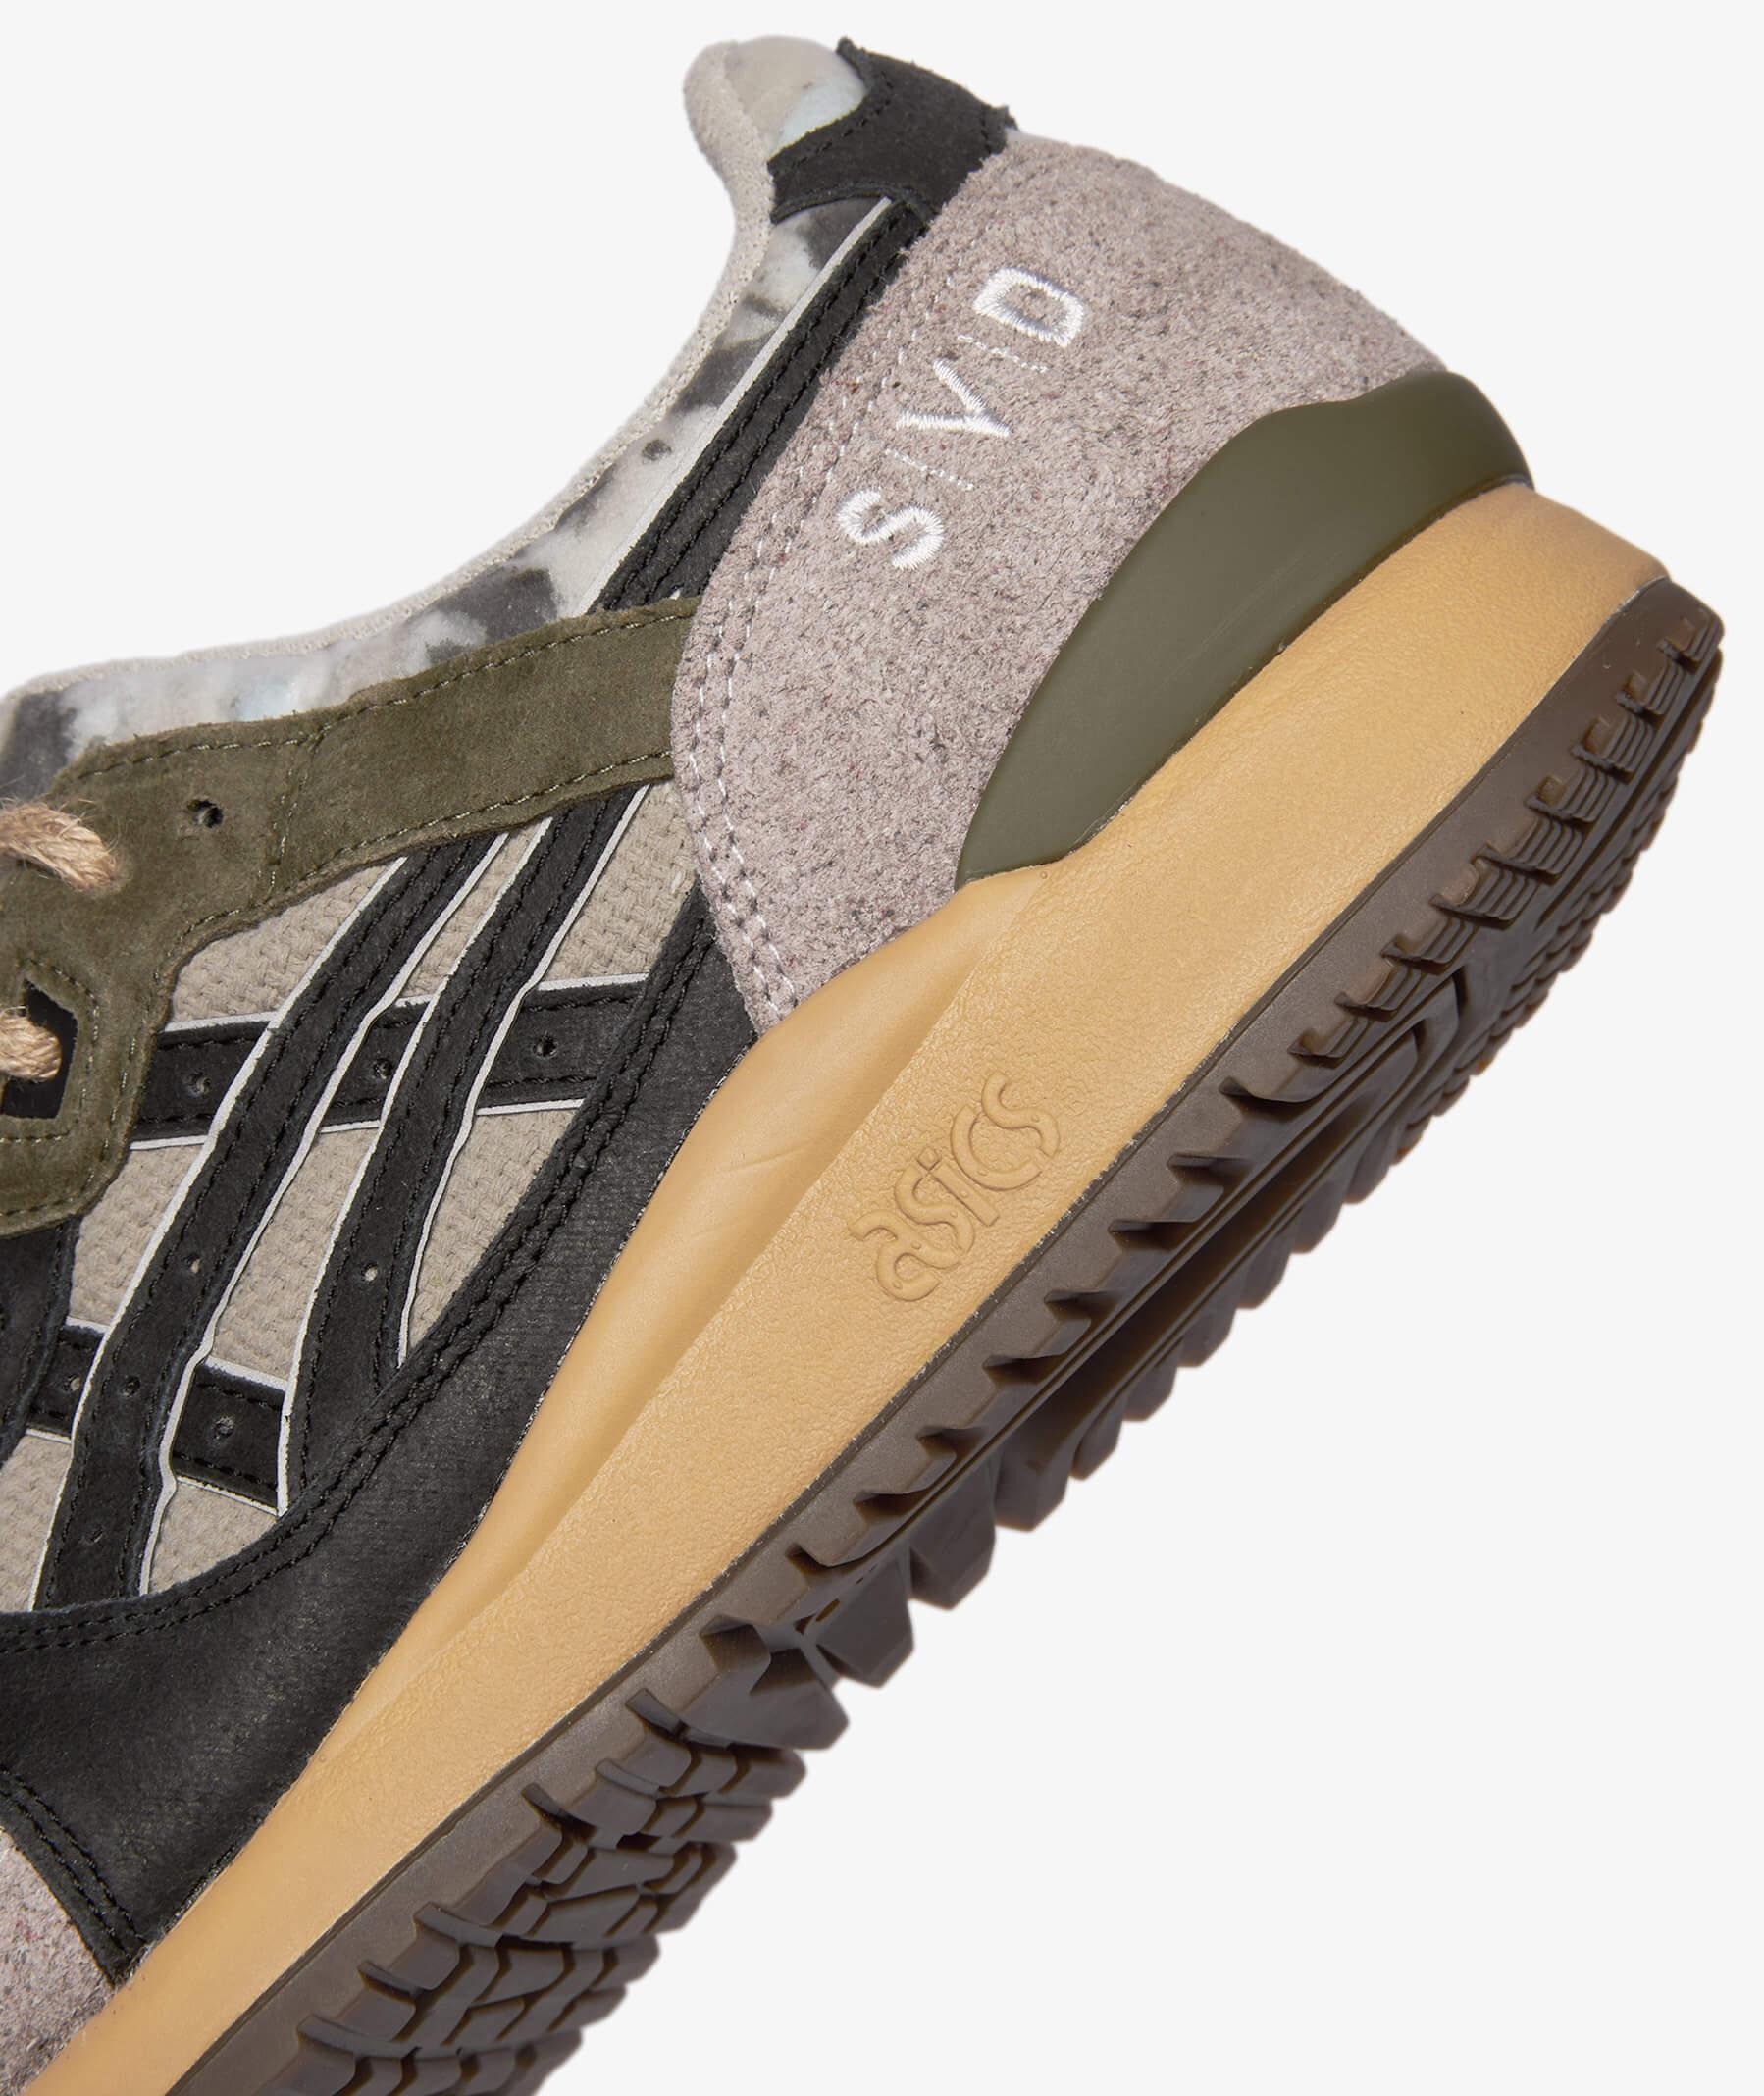 heel detail with svd stitching - ASICSSportStyle x SIVASDESCALZO (SVD)- GEL-LYTEIIIOG- Rewind The Planet - beige/black - 1203A122-250